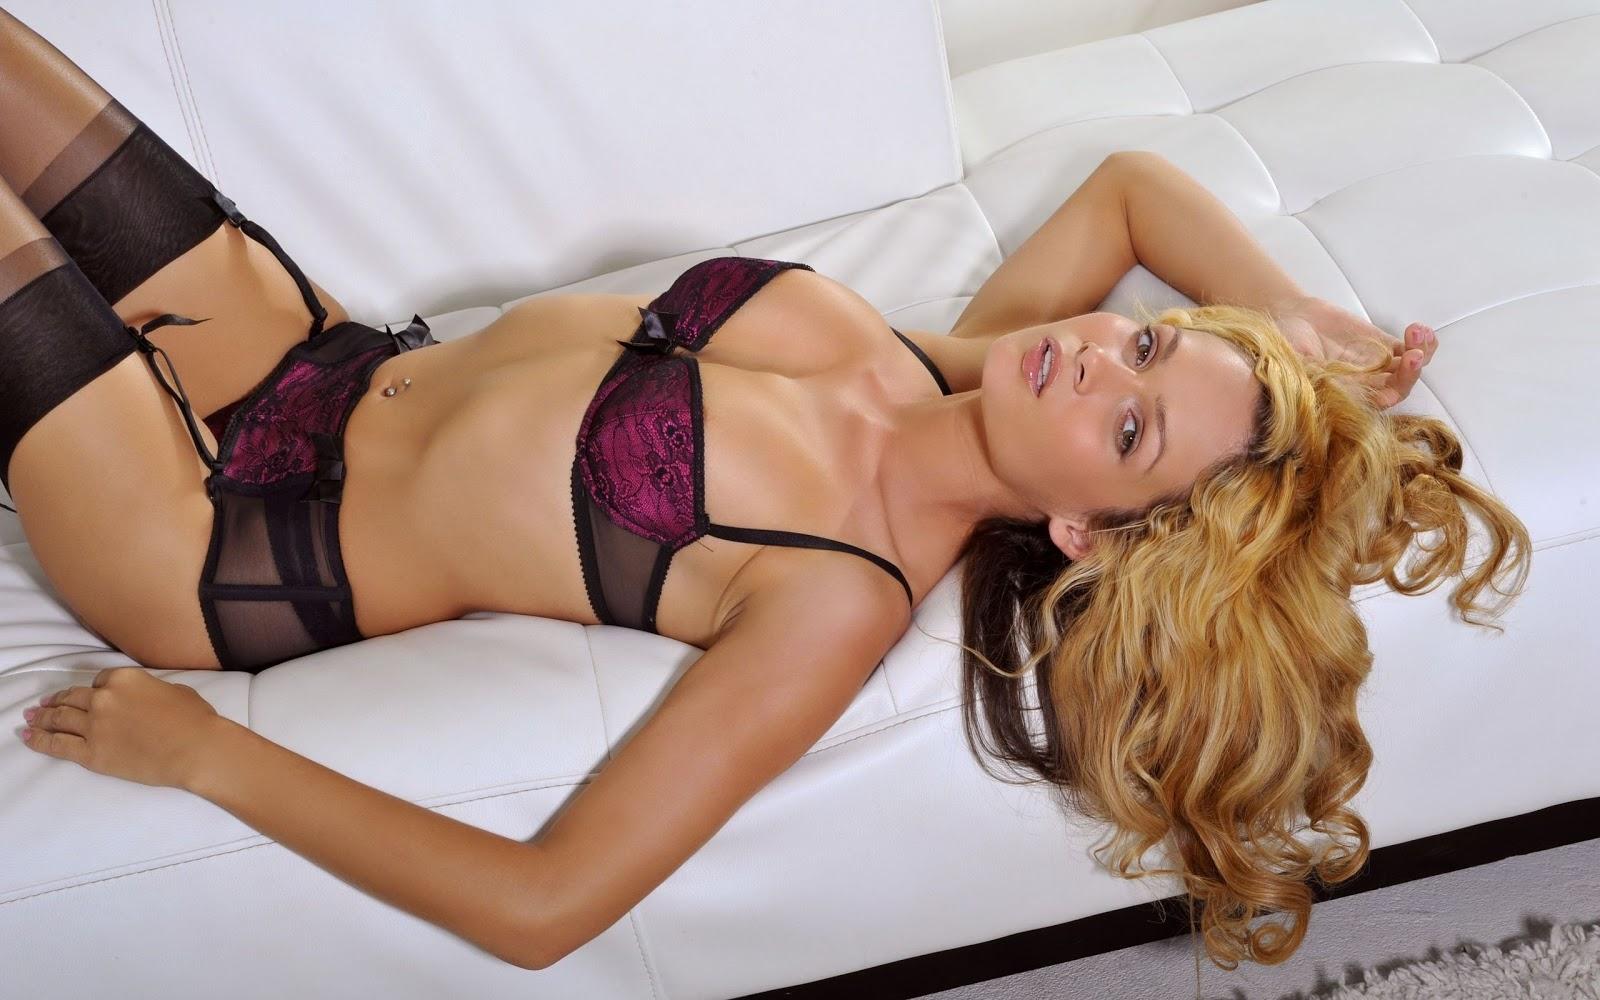 http://2.bp.blogspot.com/-5fVz09wh8cQ/UKuUiz21vYI/AAAAAAAAALU/oGekKWotTaQ/s1600/super+and+super+Celebrity+and+Girls+HD+Wallpapers+shapang.blogspot.com+(11).Jpg